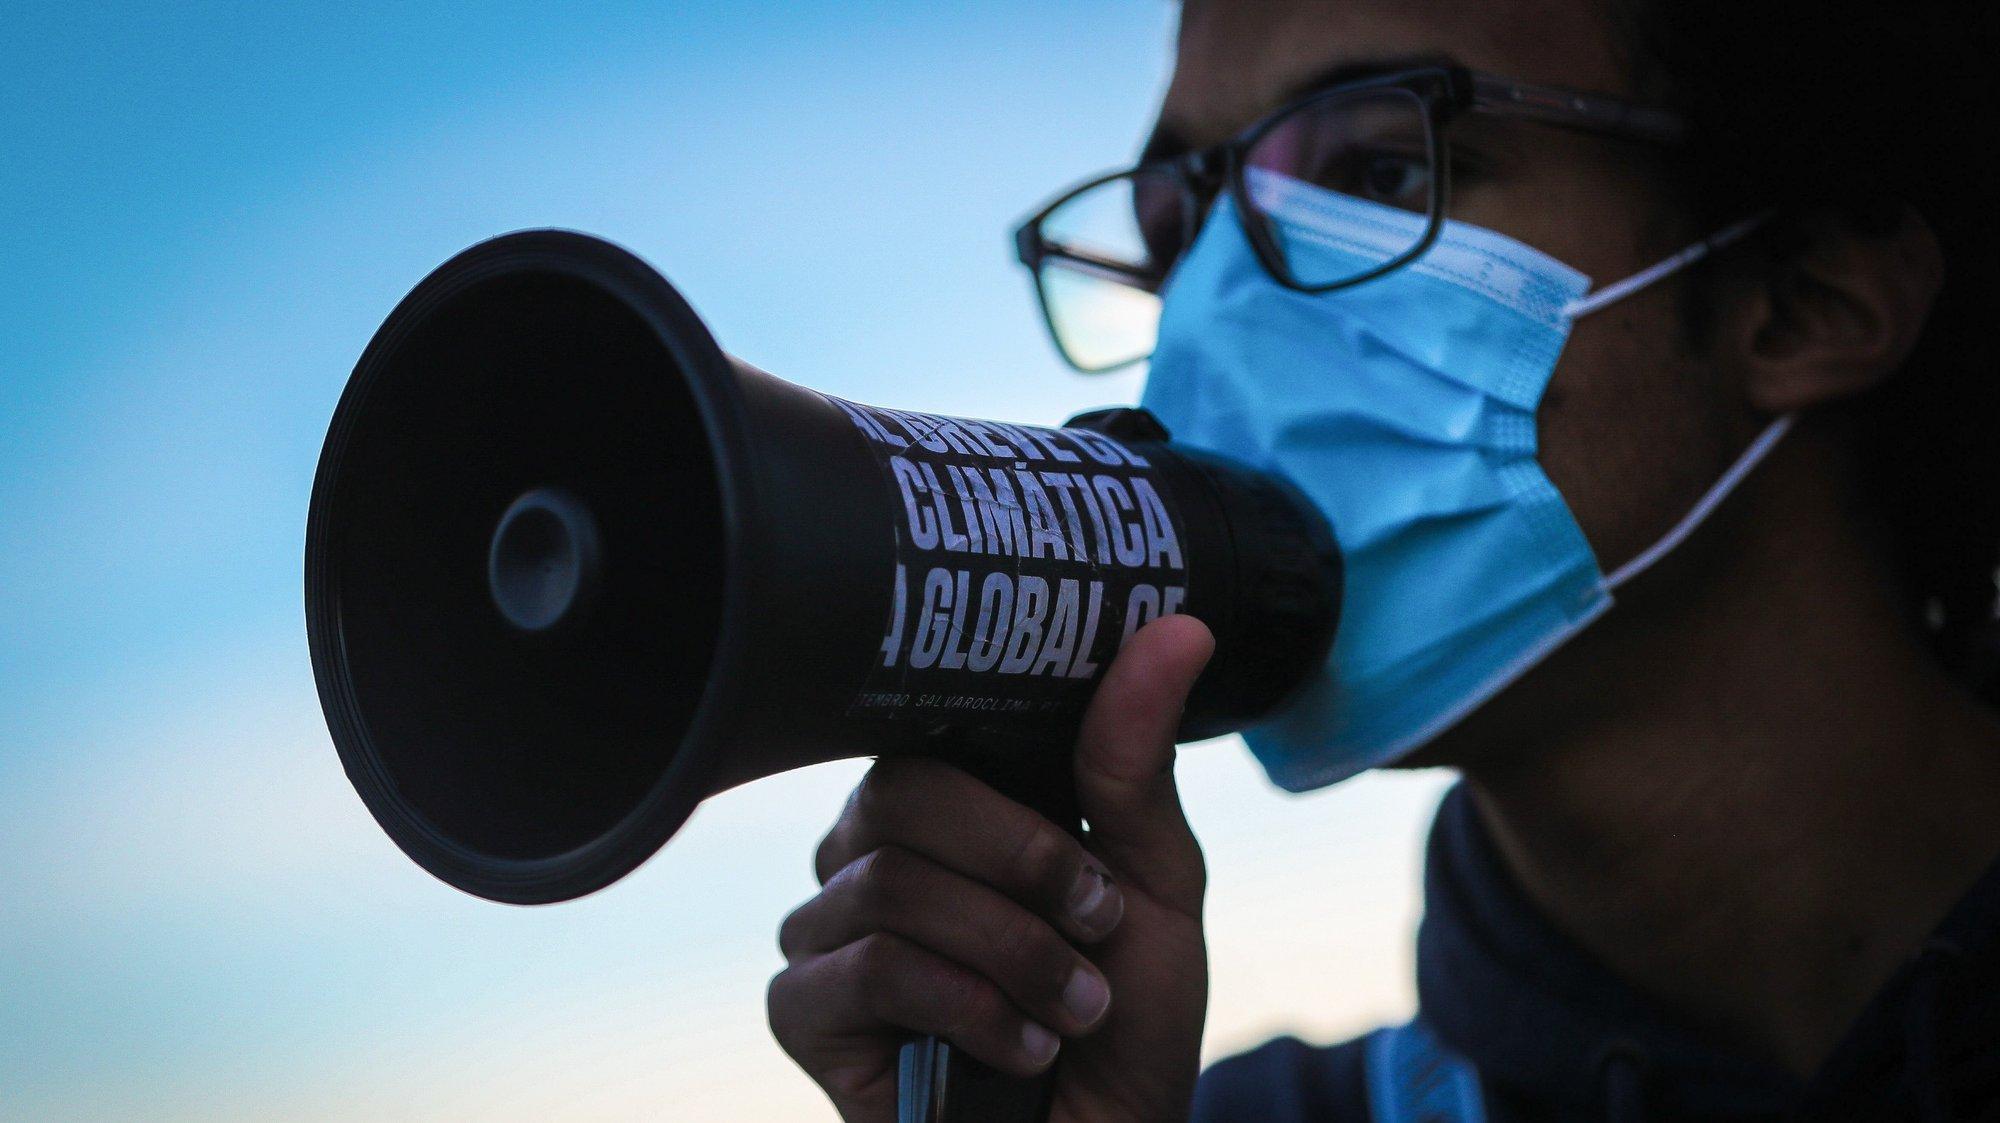 Marcha da Greve Climática Estudantil para reivindicar um plano para recuperar o clima, recuperar a saúde pública e regenerar a economia, em Lisboa, 19 de março de 2021. Os jovens em Portugal saem às ruas para reivindicar justiça climática em resposta ao apelo internacional do movimento #FridaysForFuture. MÁRIO CRUZ/LUSA